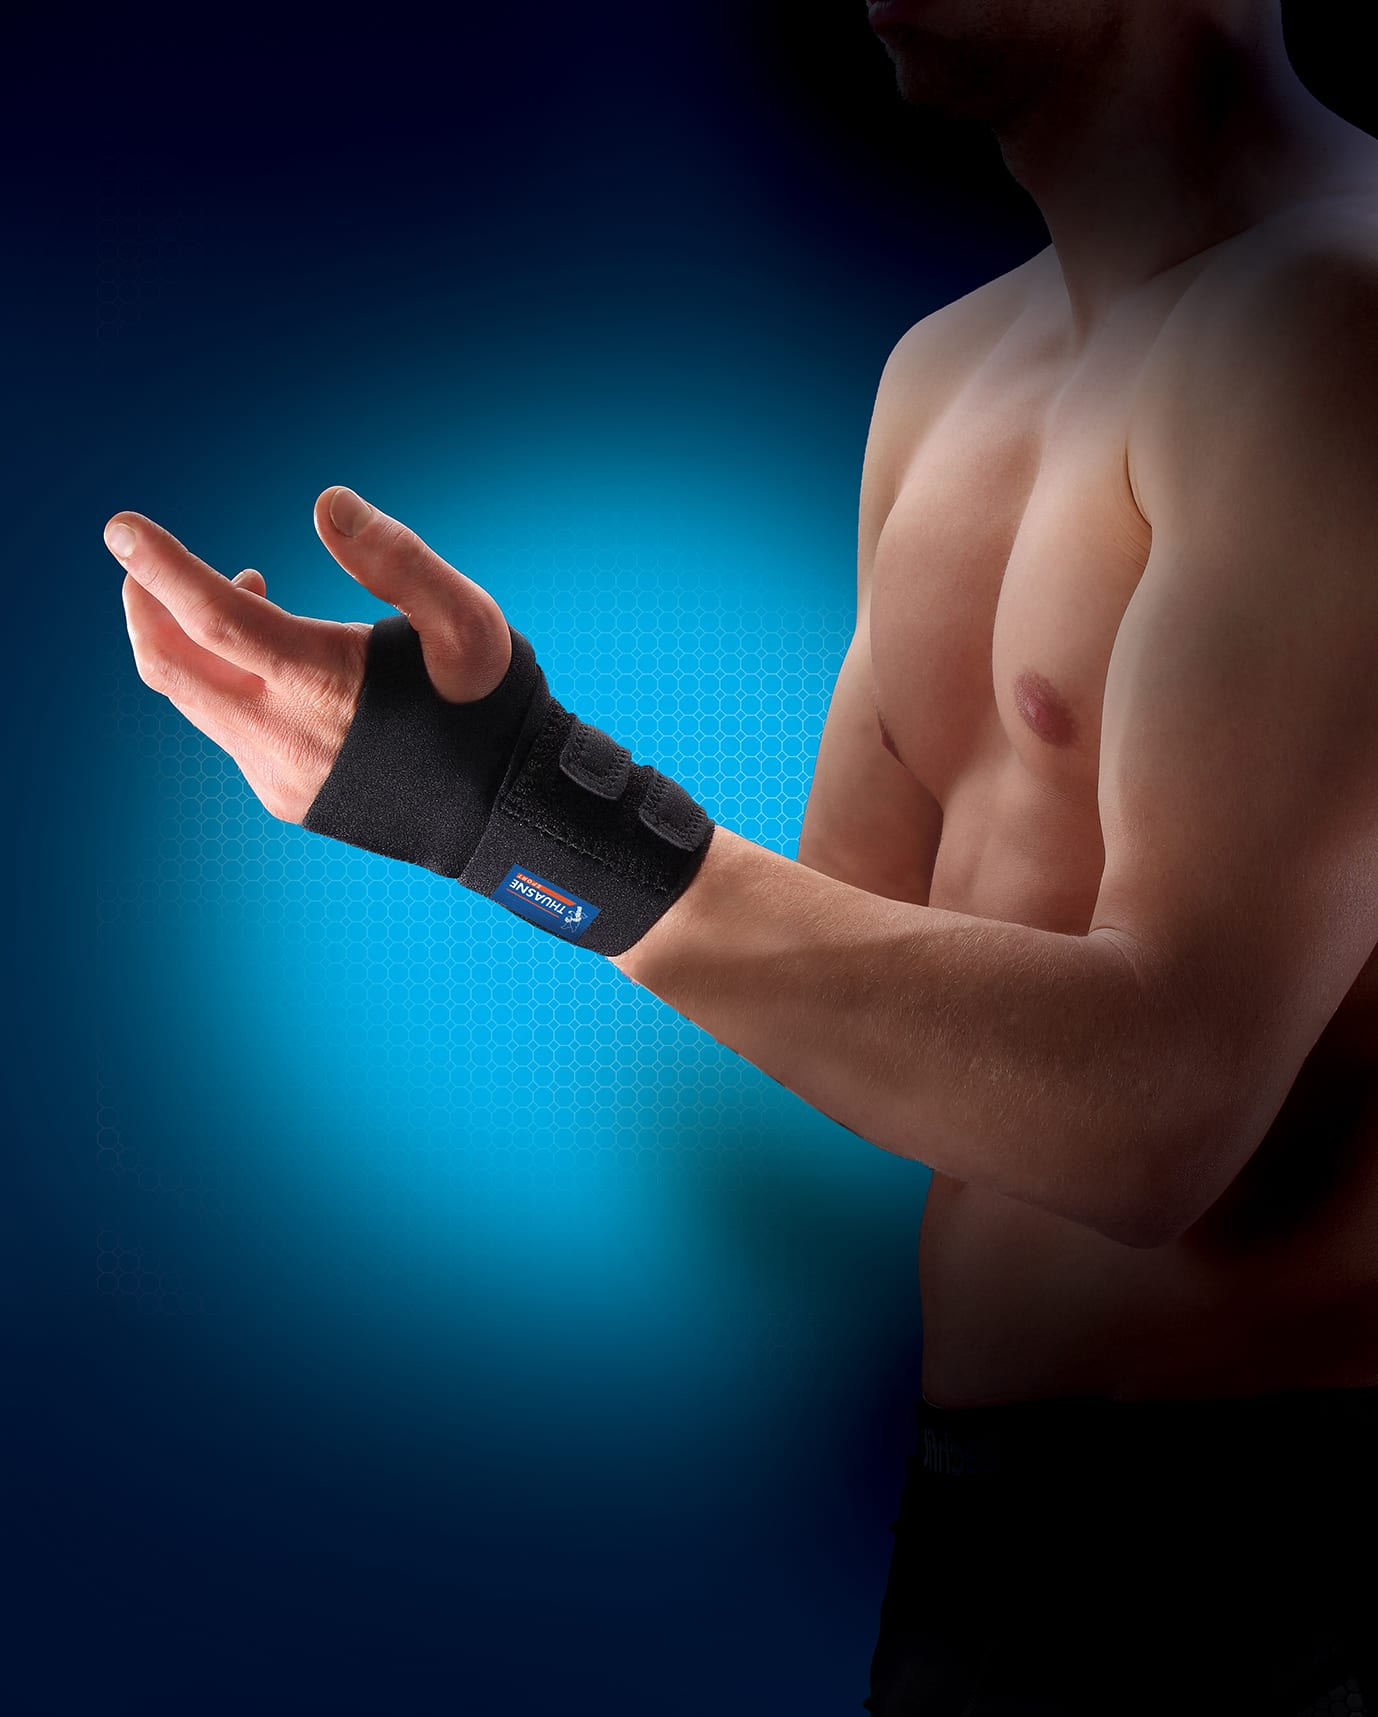 A man wearing a Thuasne Neoprene Wrist Brace